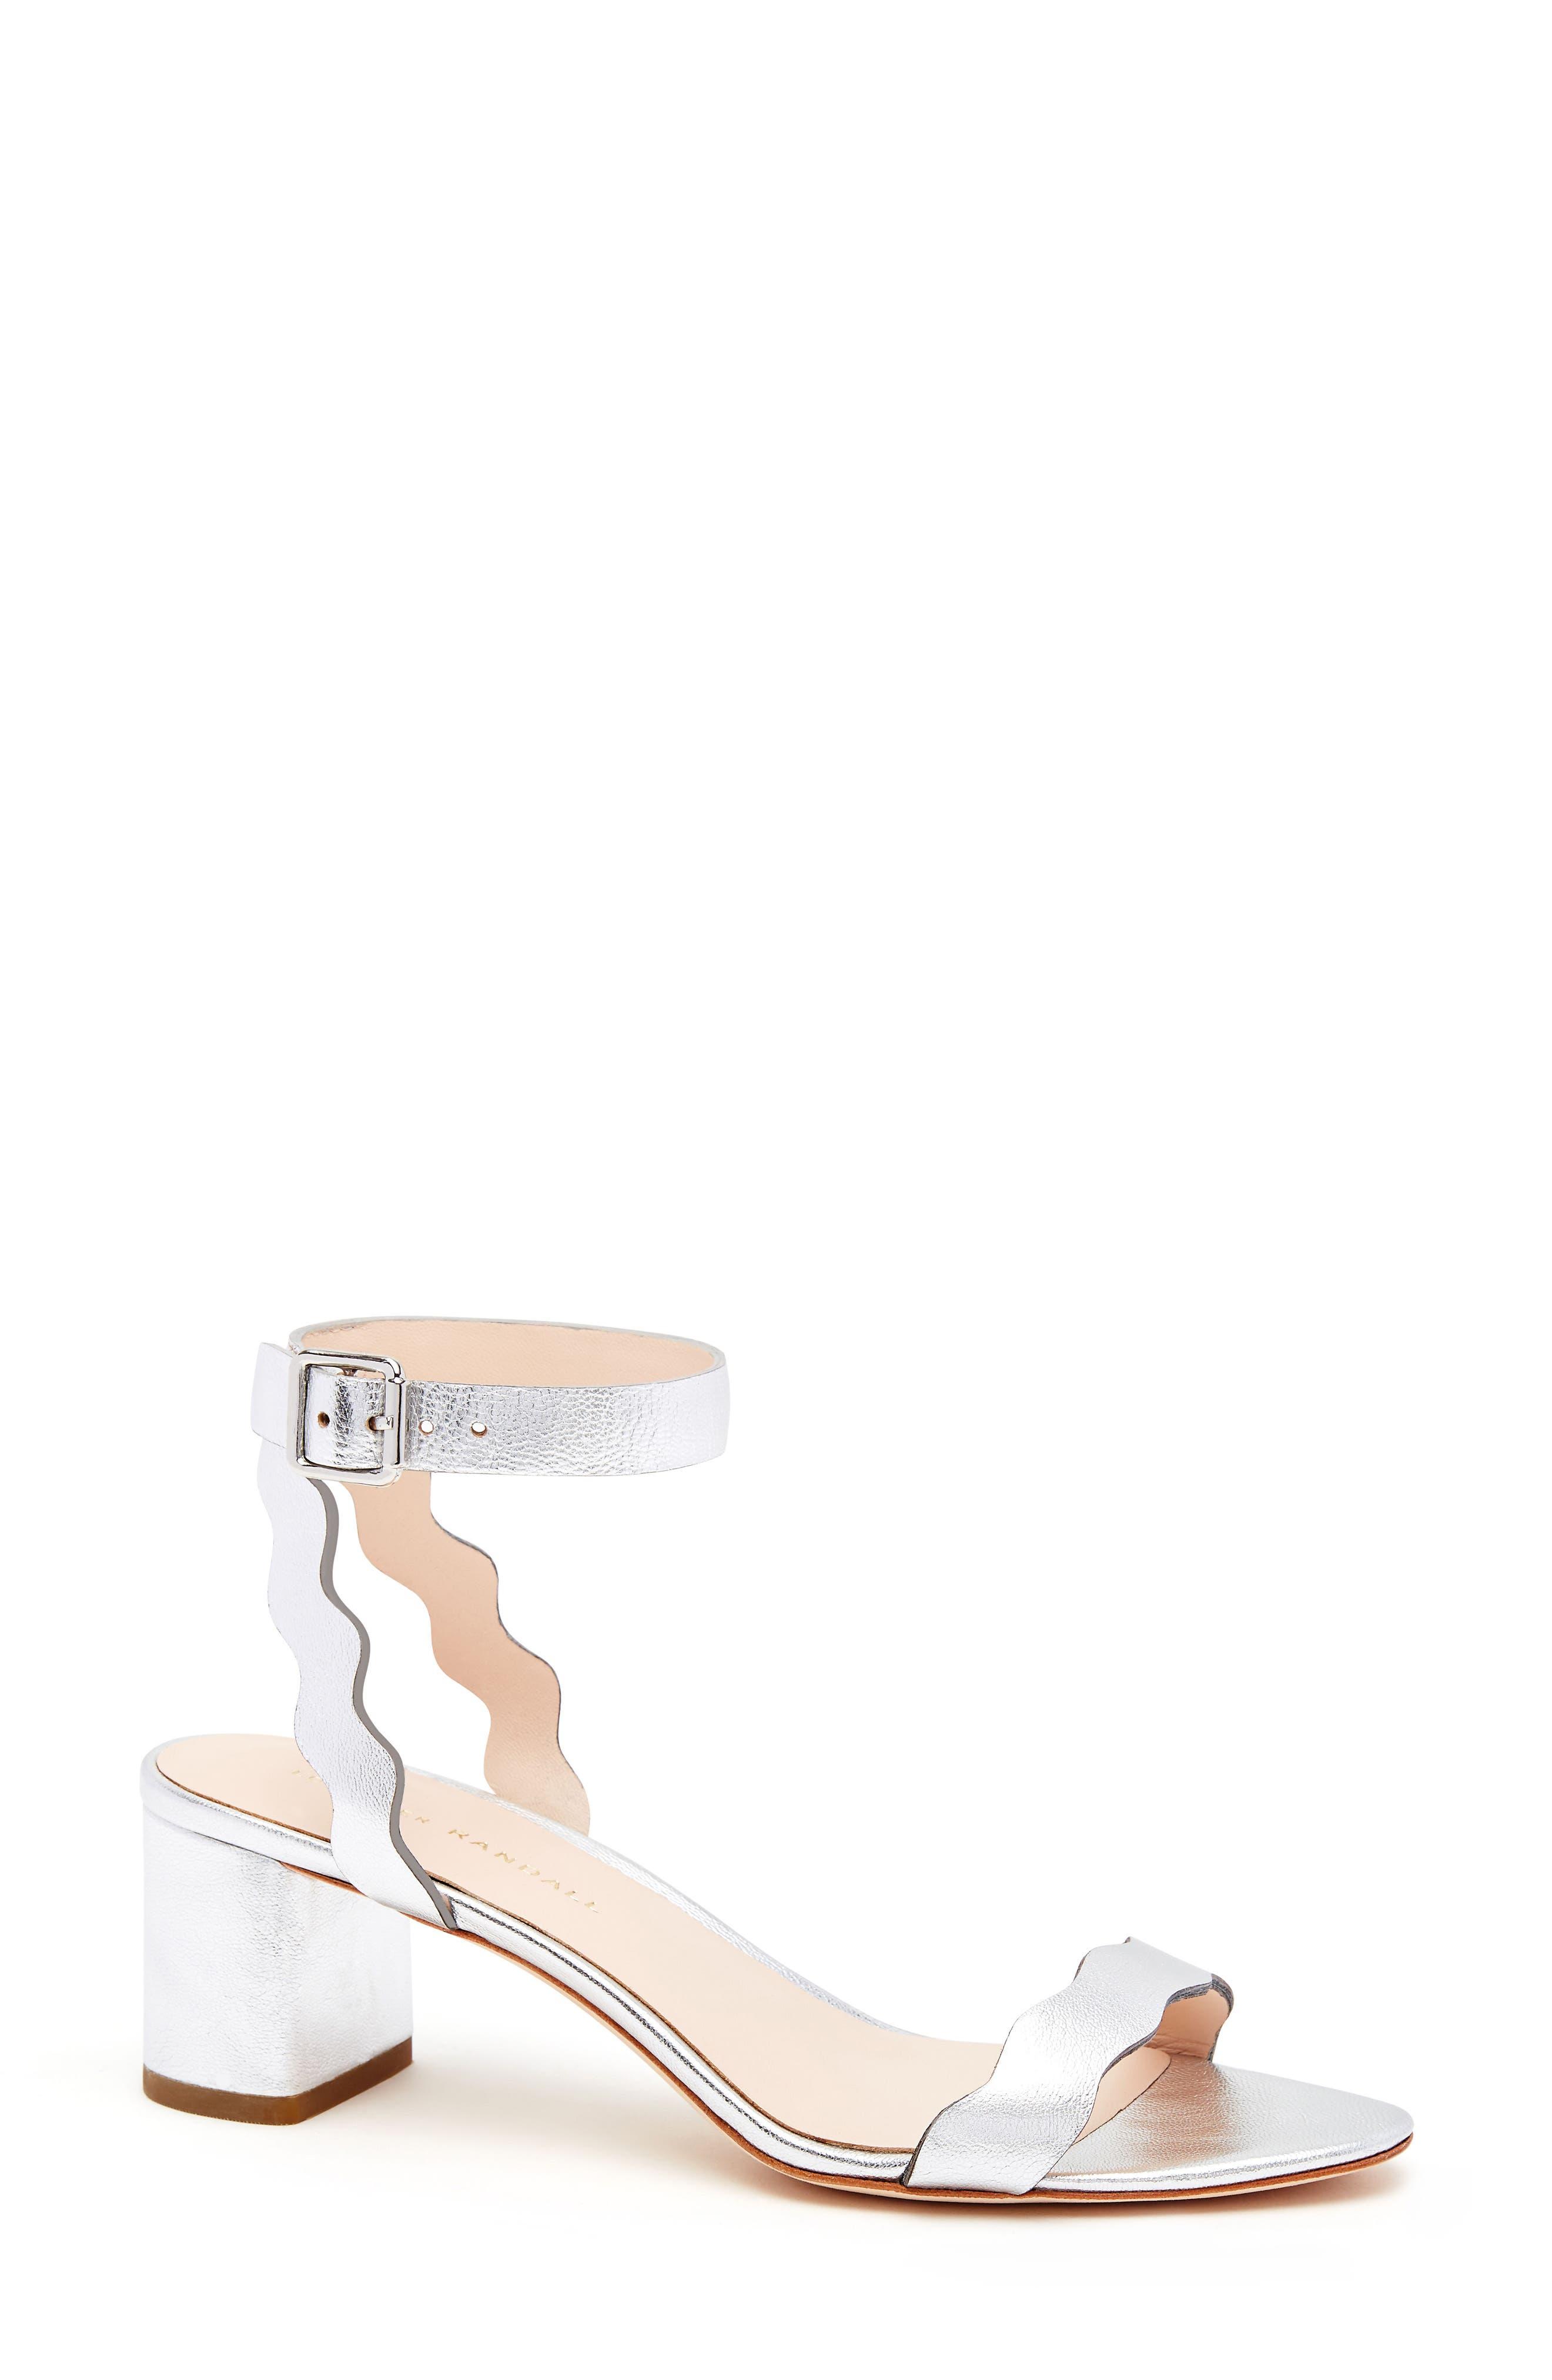 Alternate Image 1 Selected - Loeffler Randall Emi Scalloped Sandal (Women)